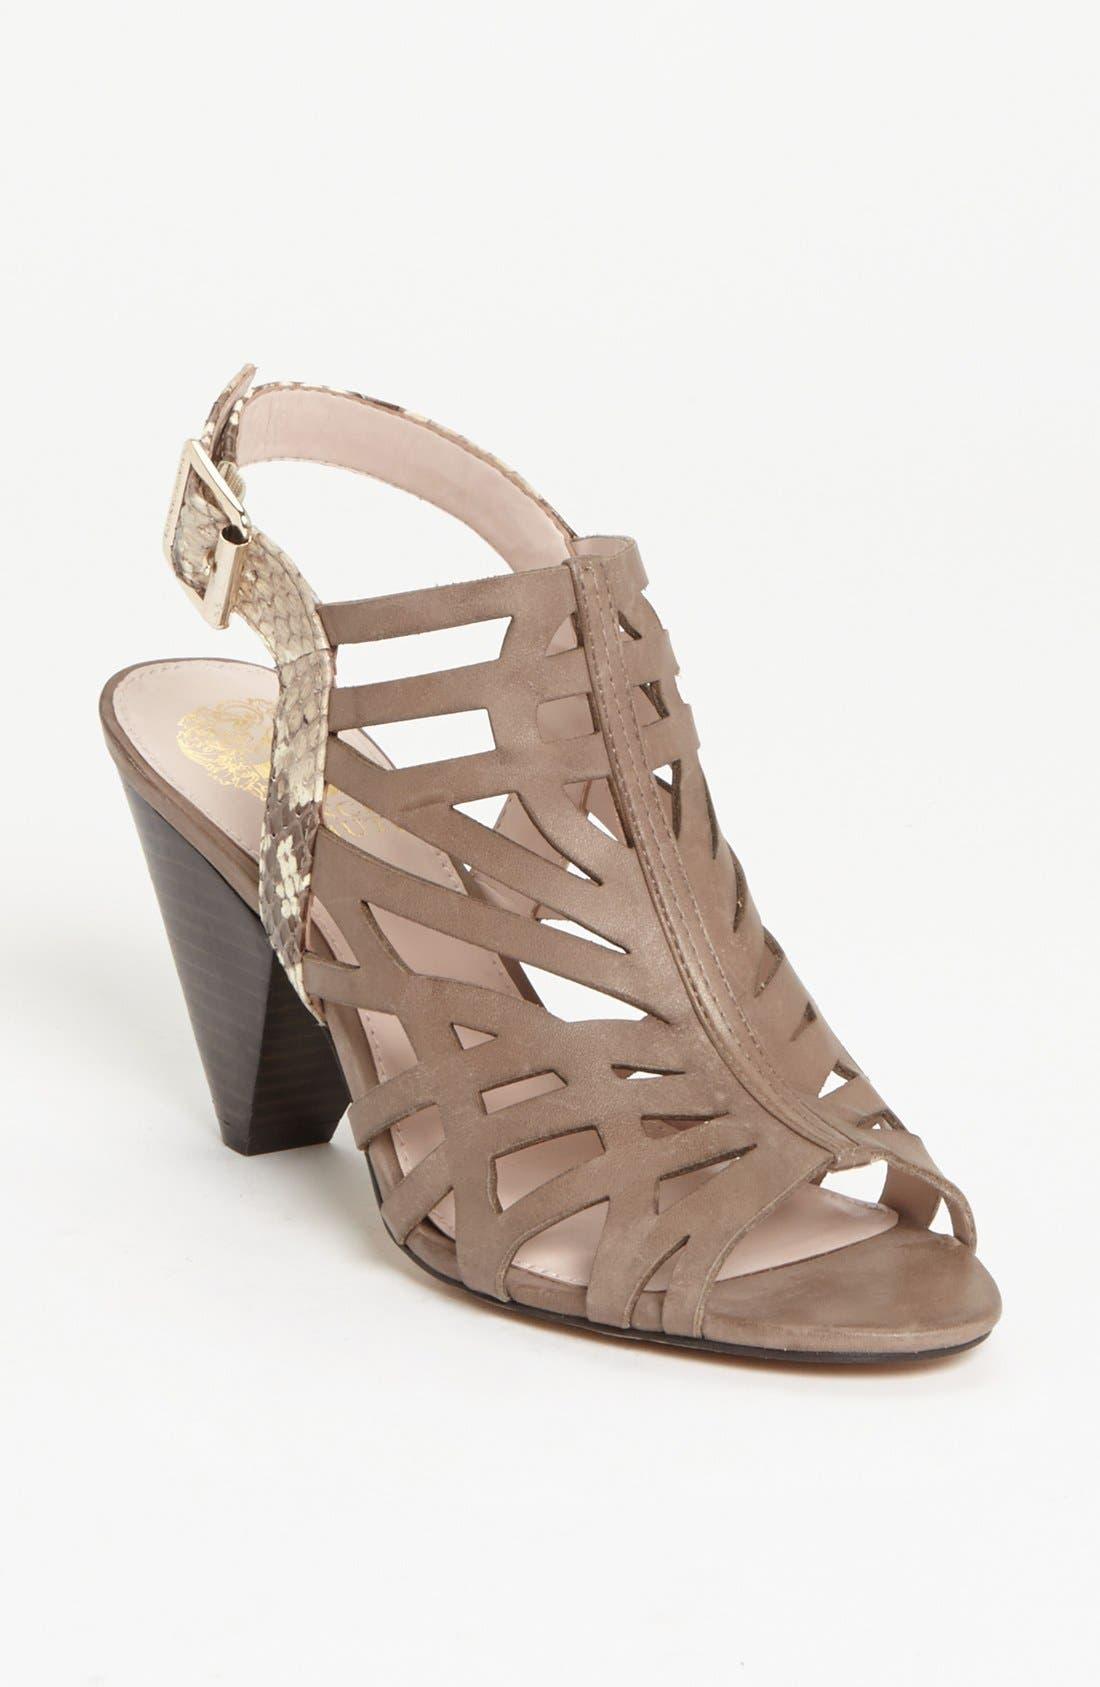 Alternate Image 1 Selected - Vince Camuto 'Elem' Sandal